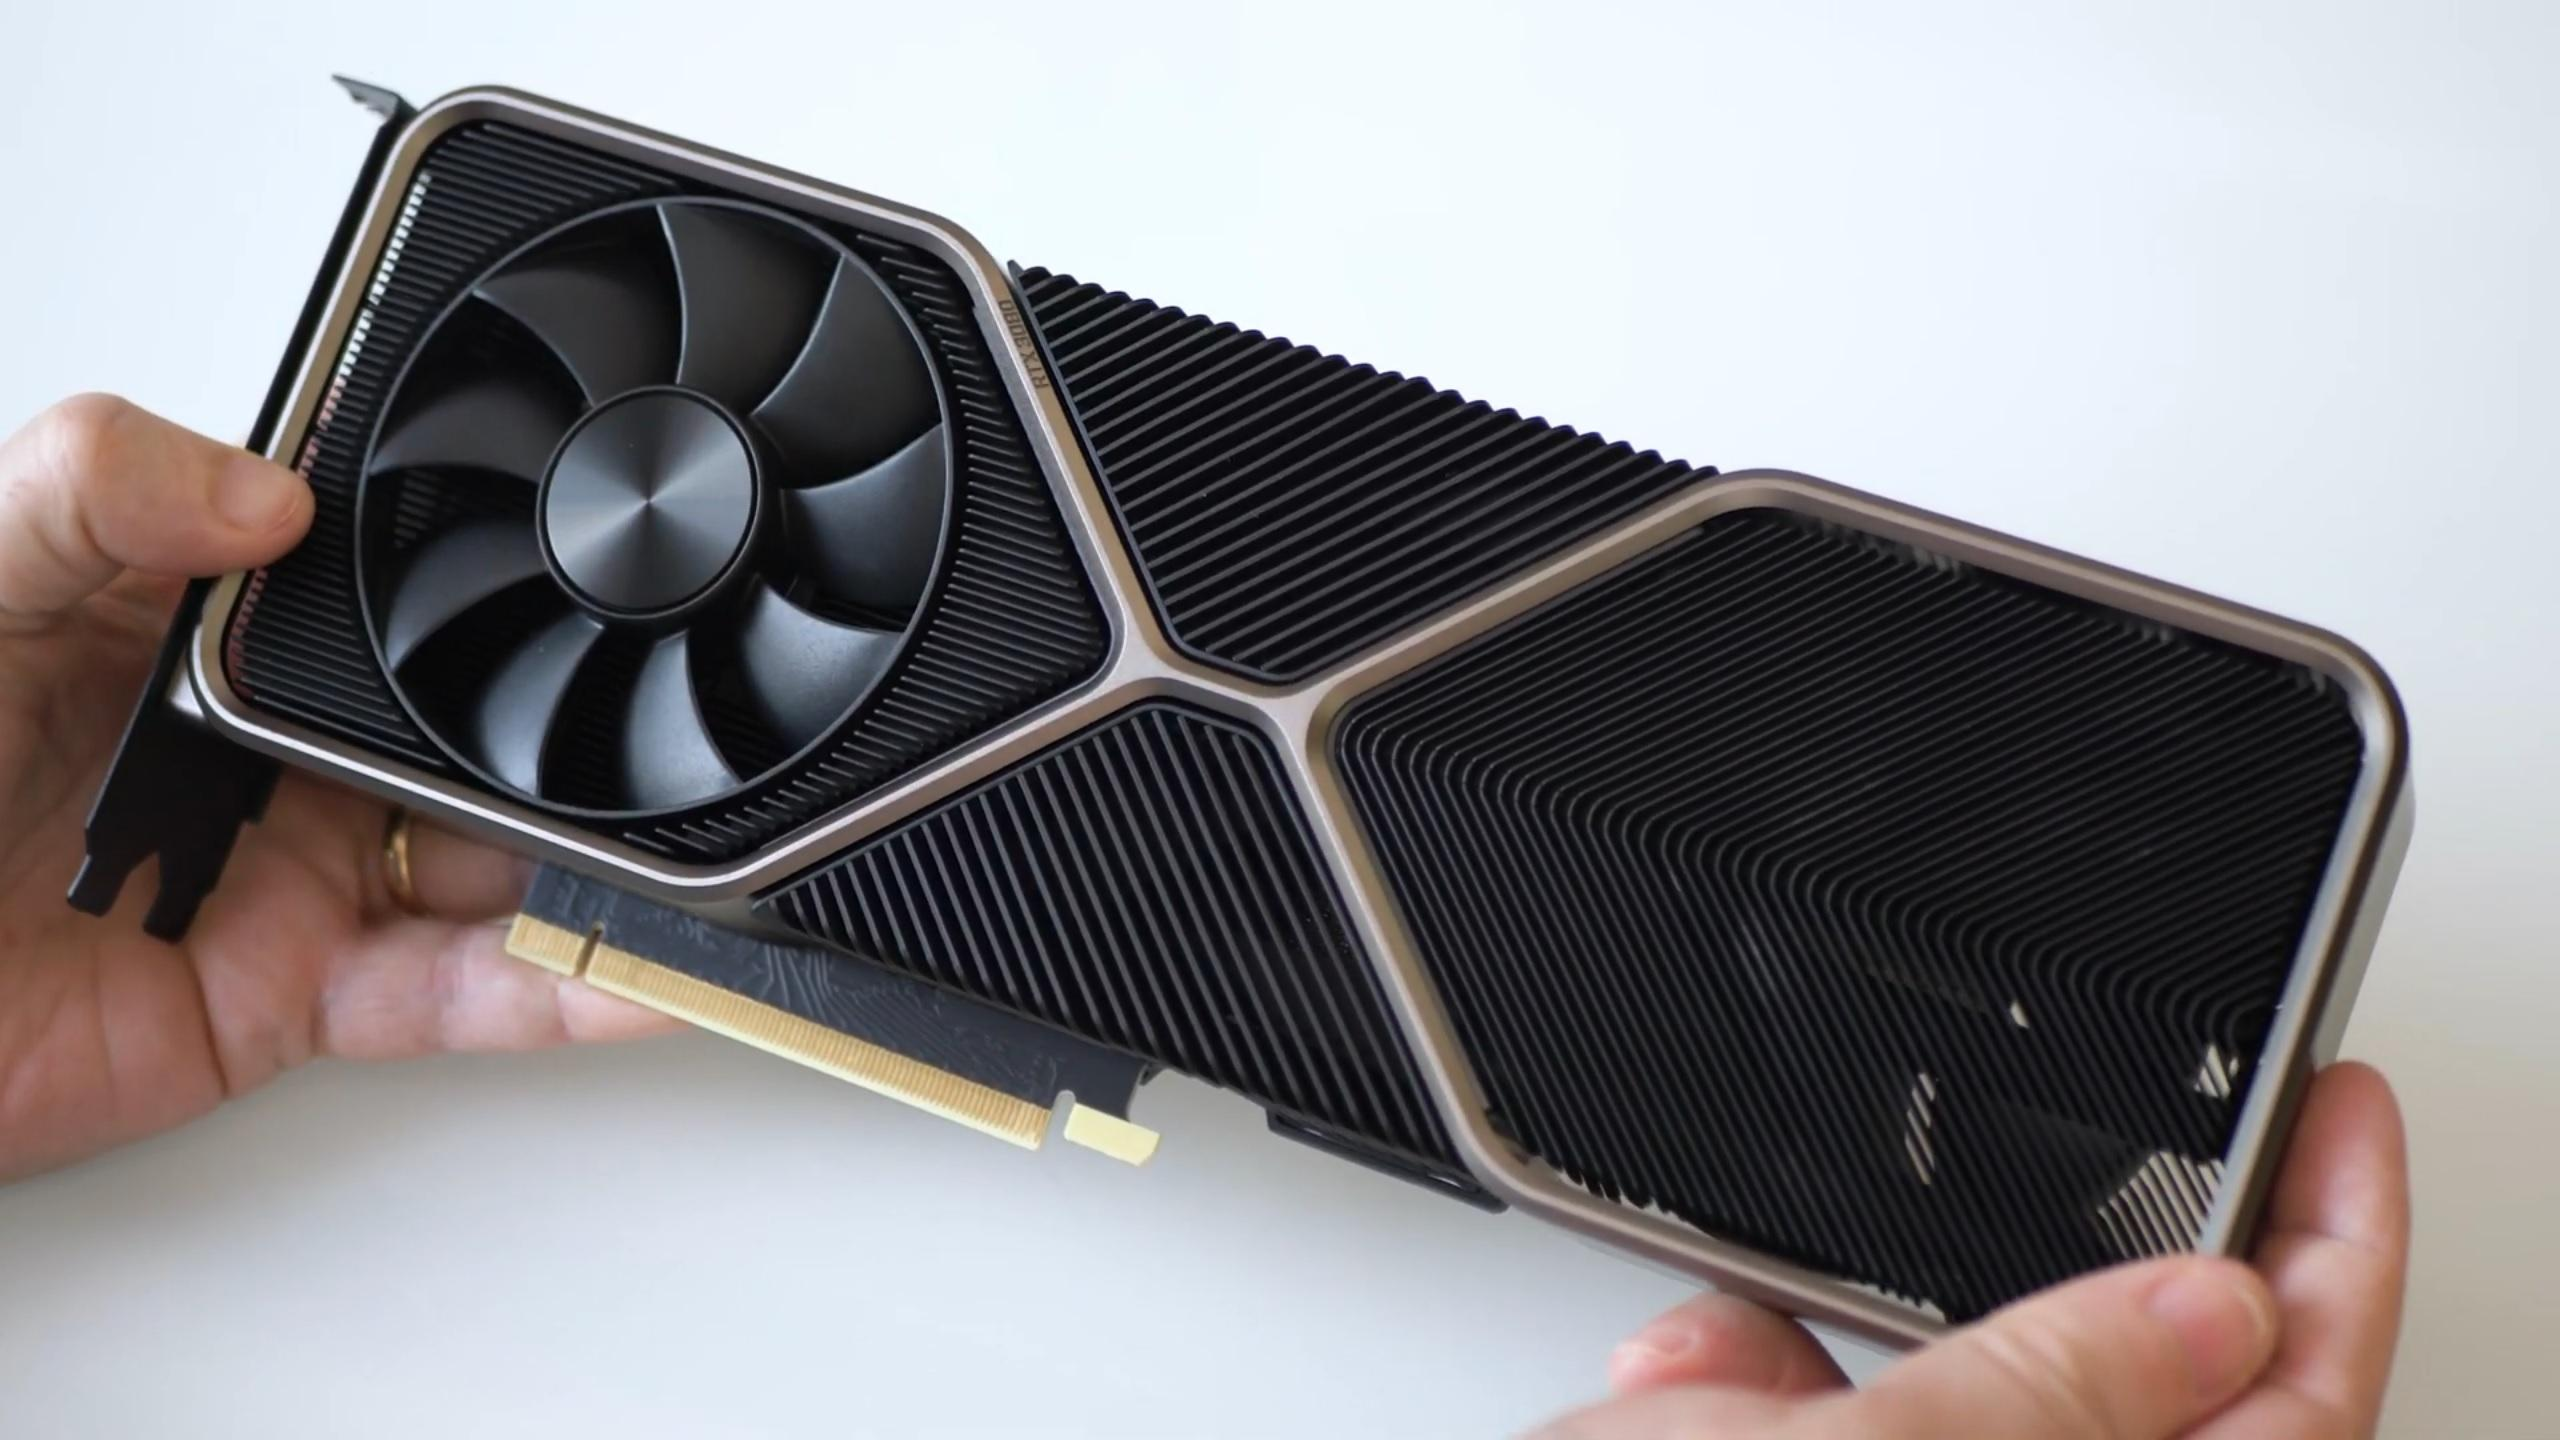 Nvidia Geforce Rtx 3080 Test Benchmark 6